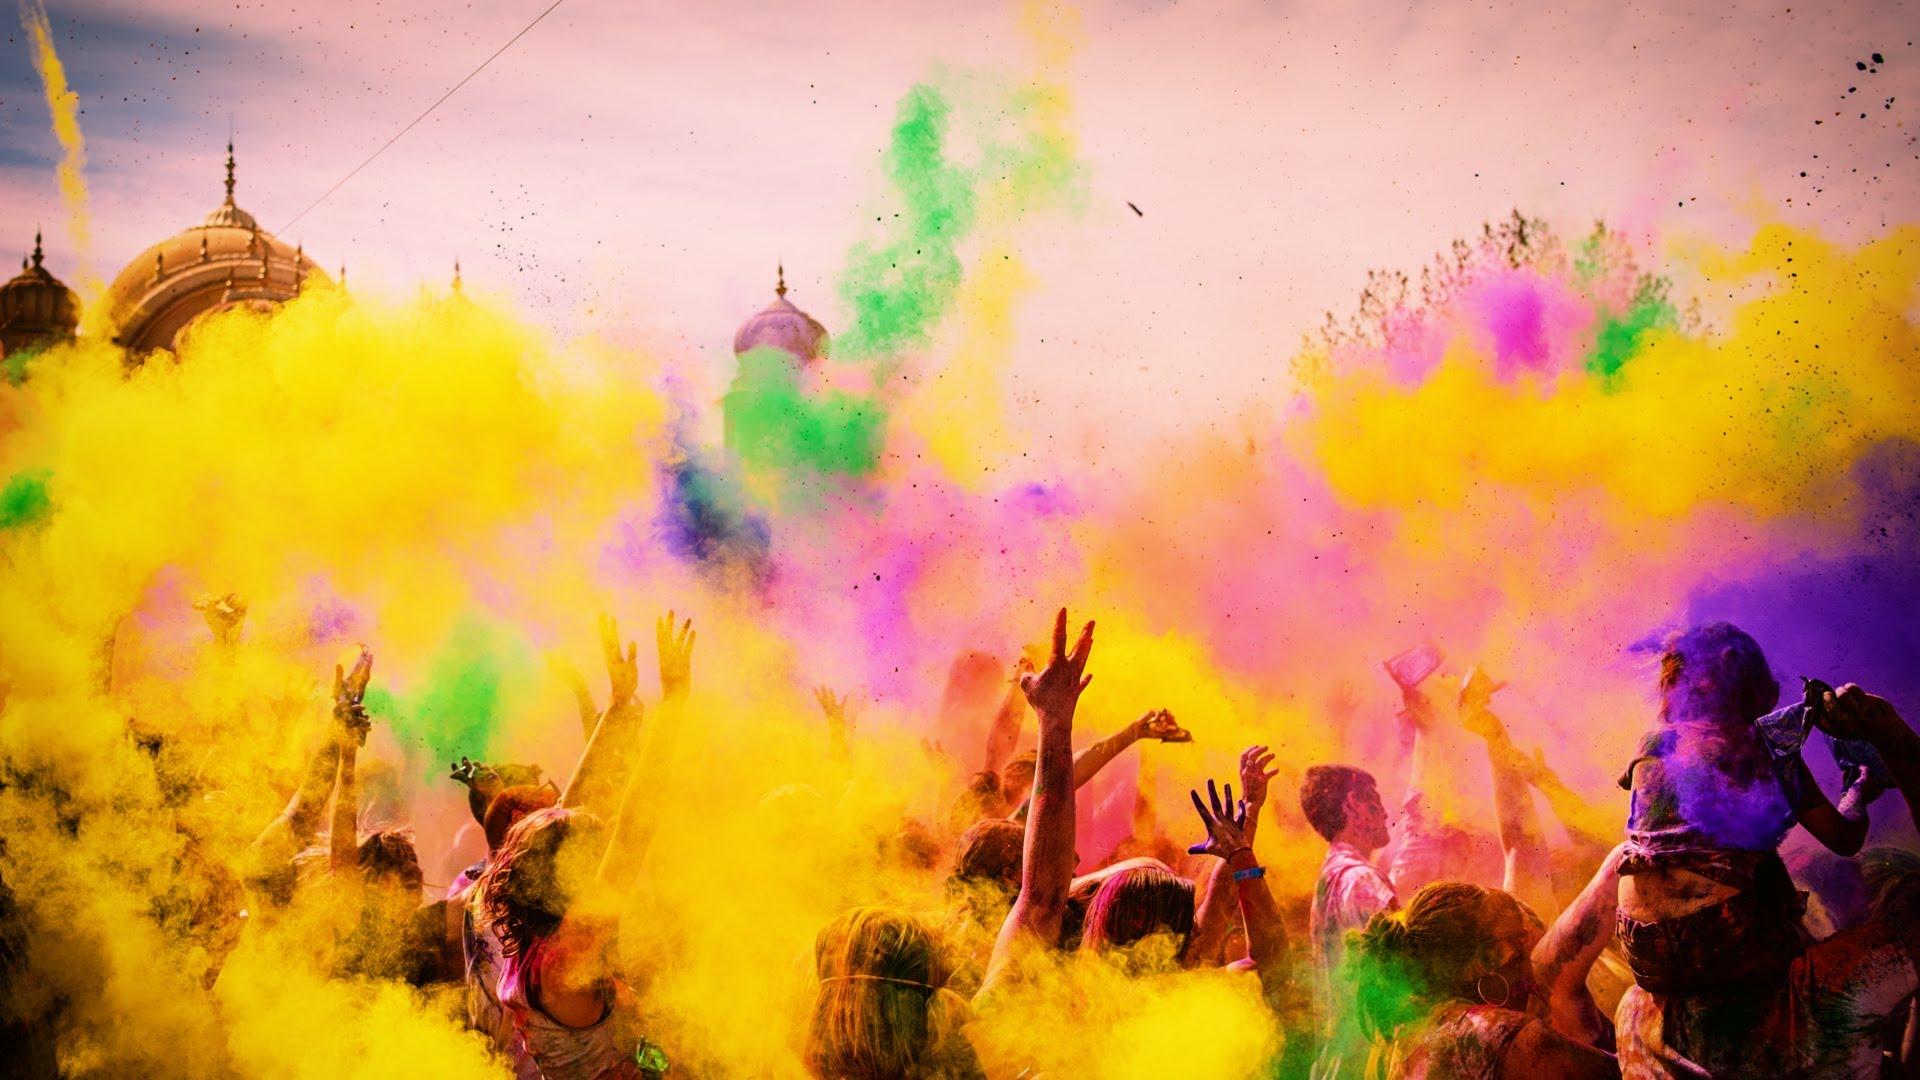 Katrai krāsai un garšai atbilst sava veida enerģija. Uzzini, kuras tev pietrūkst!